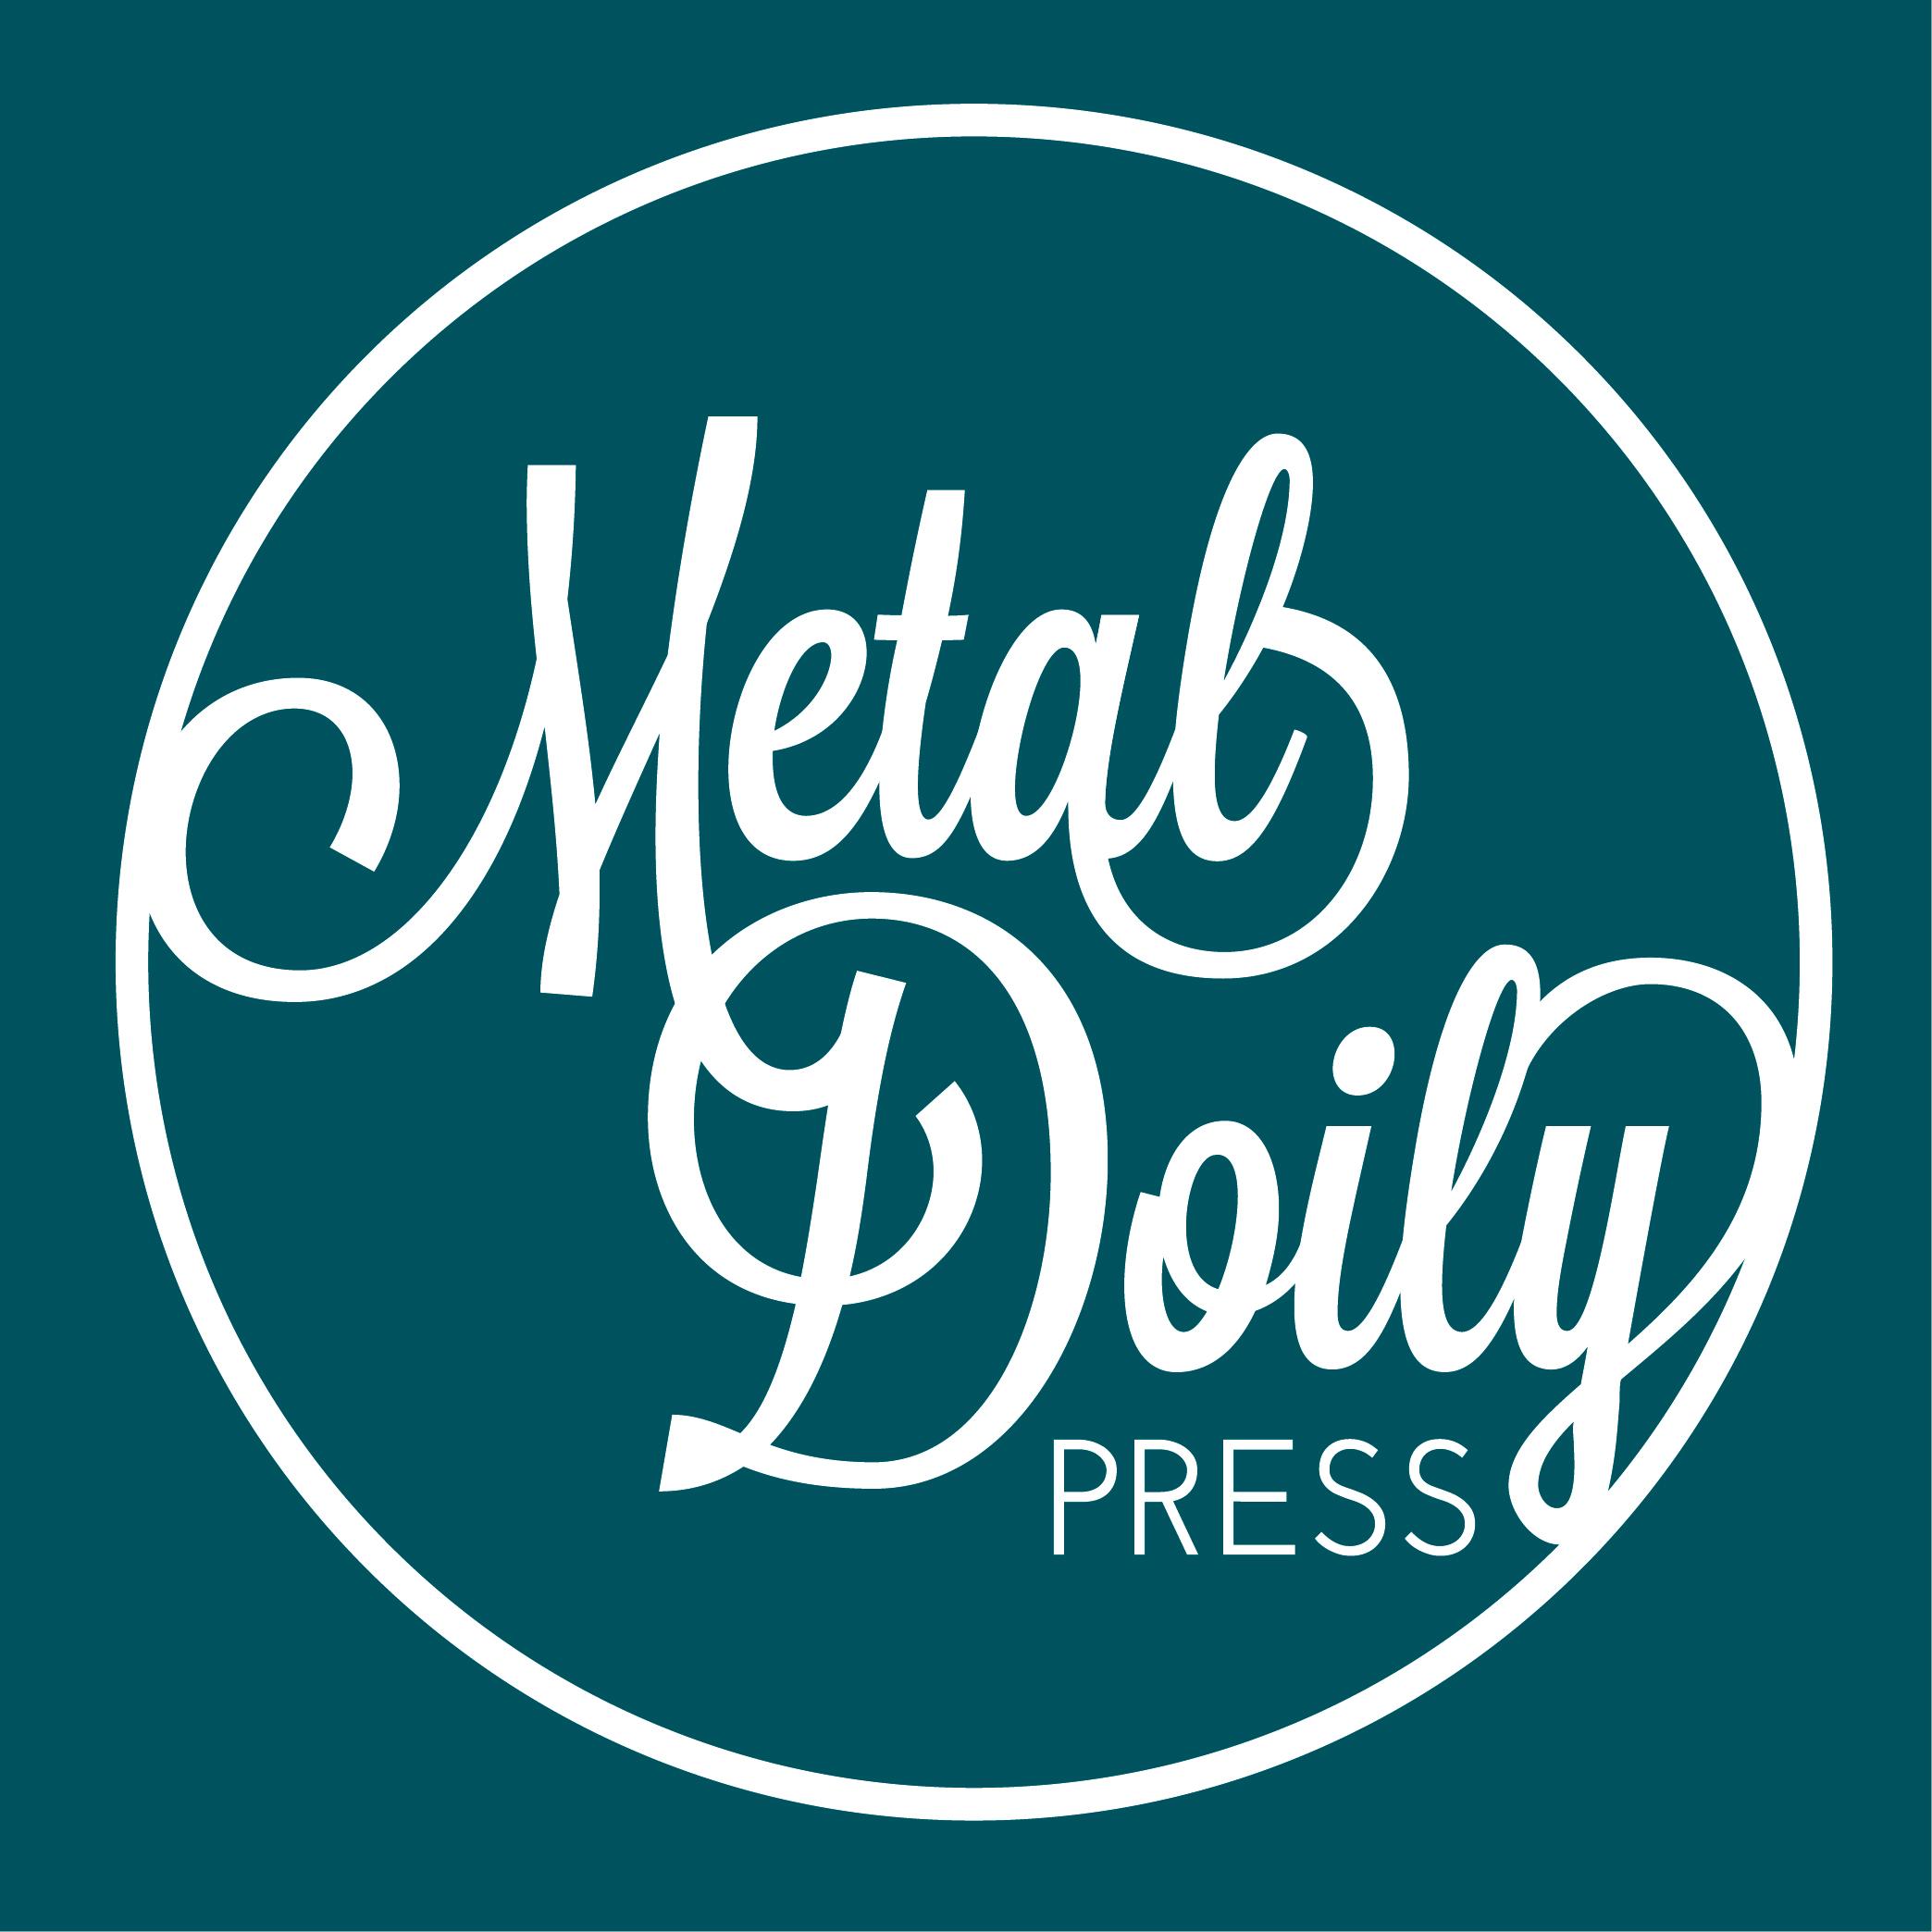 Metal Doily Press